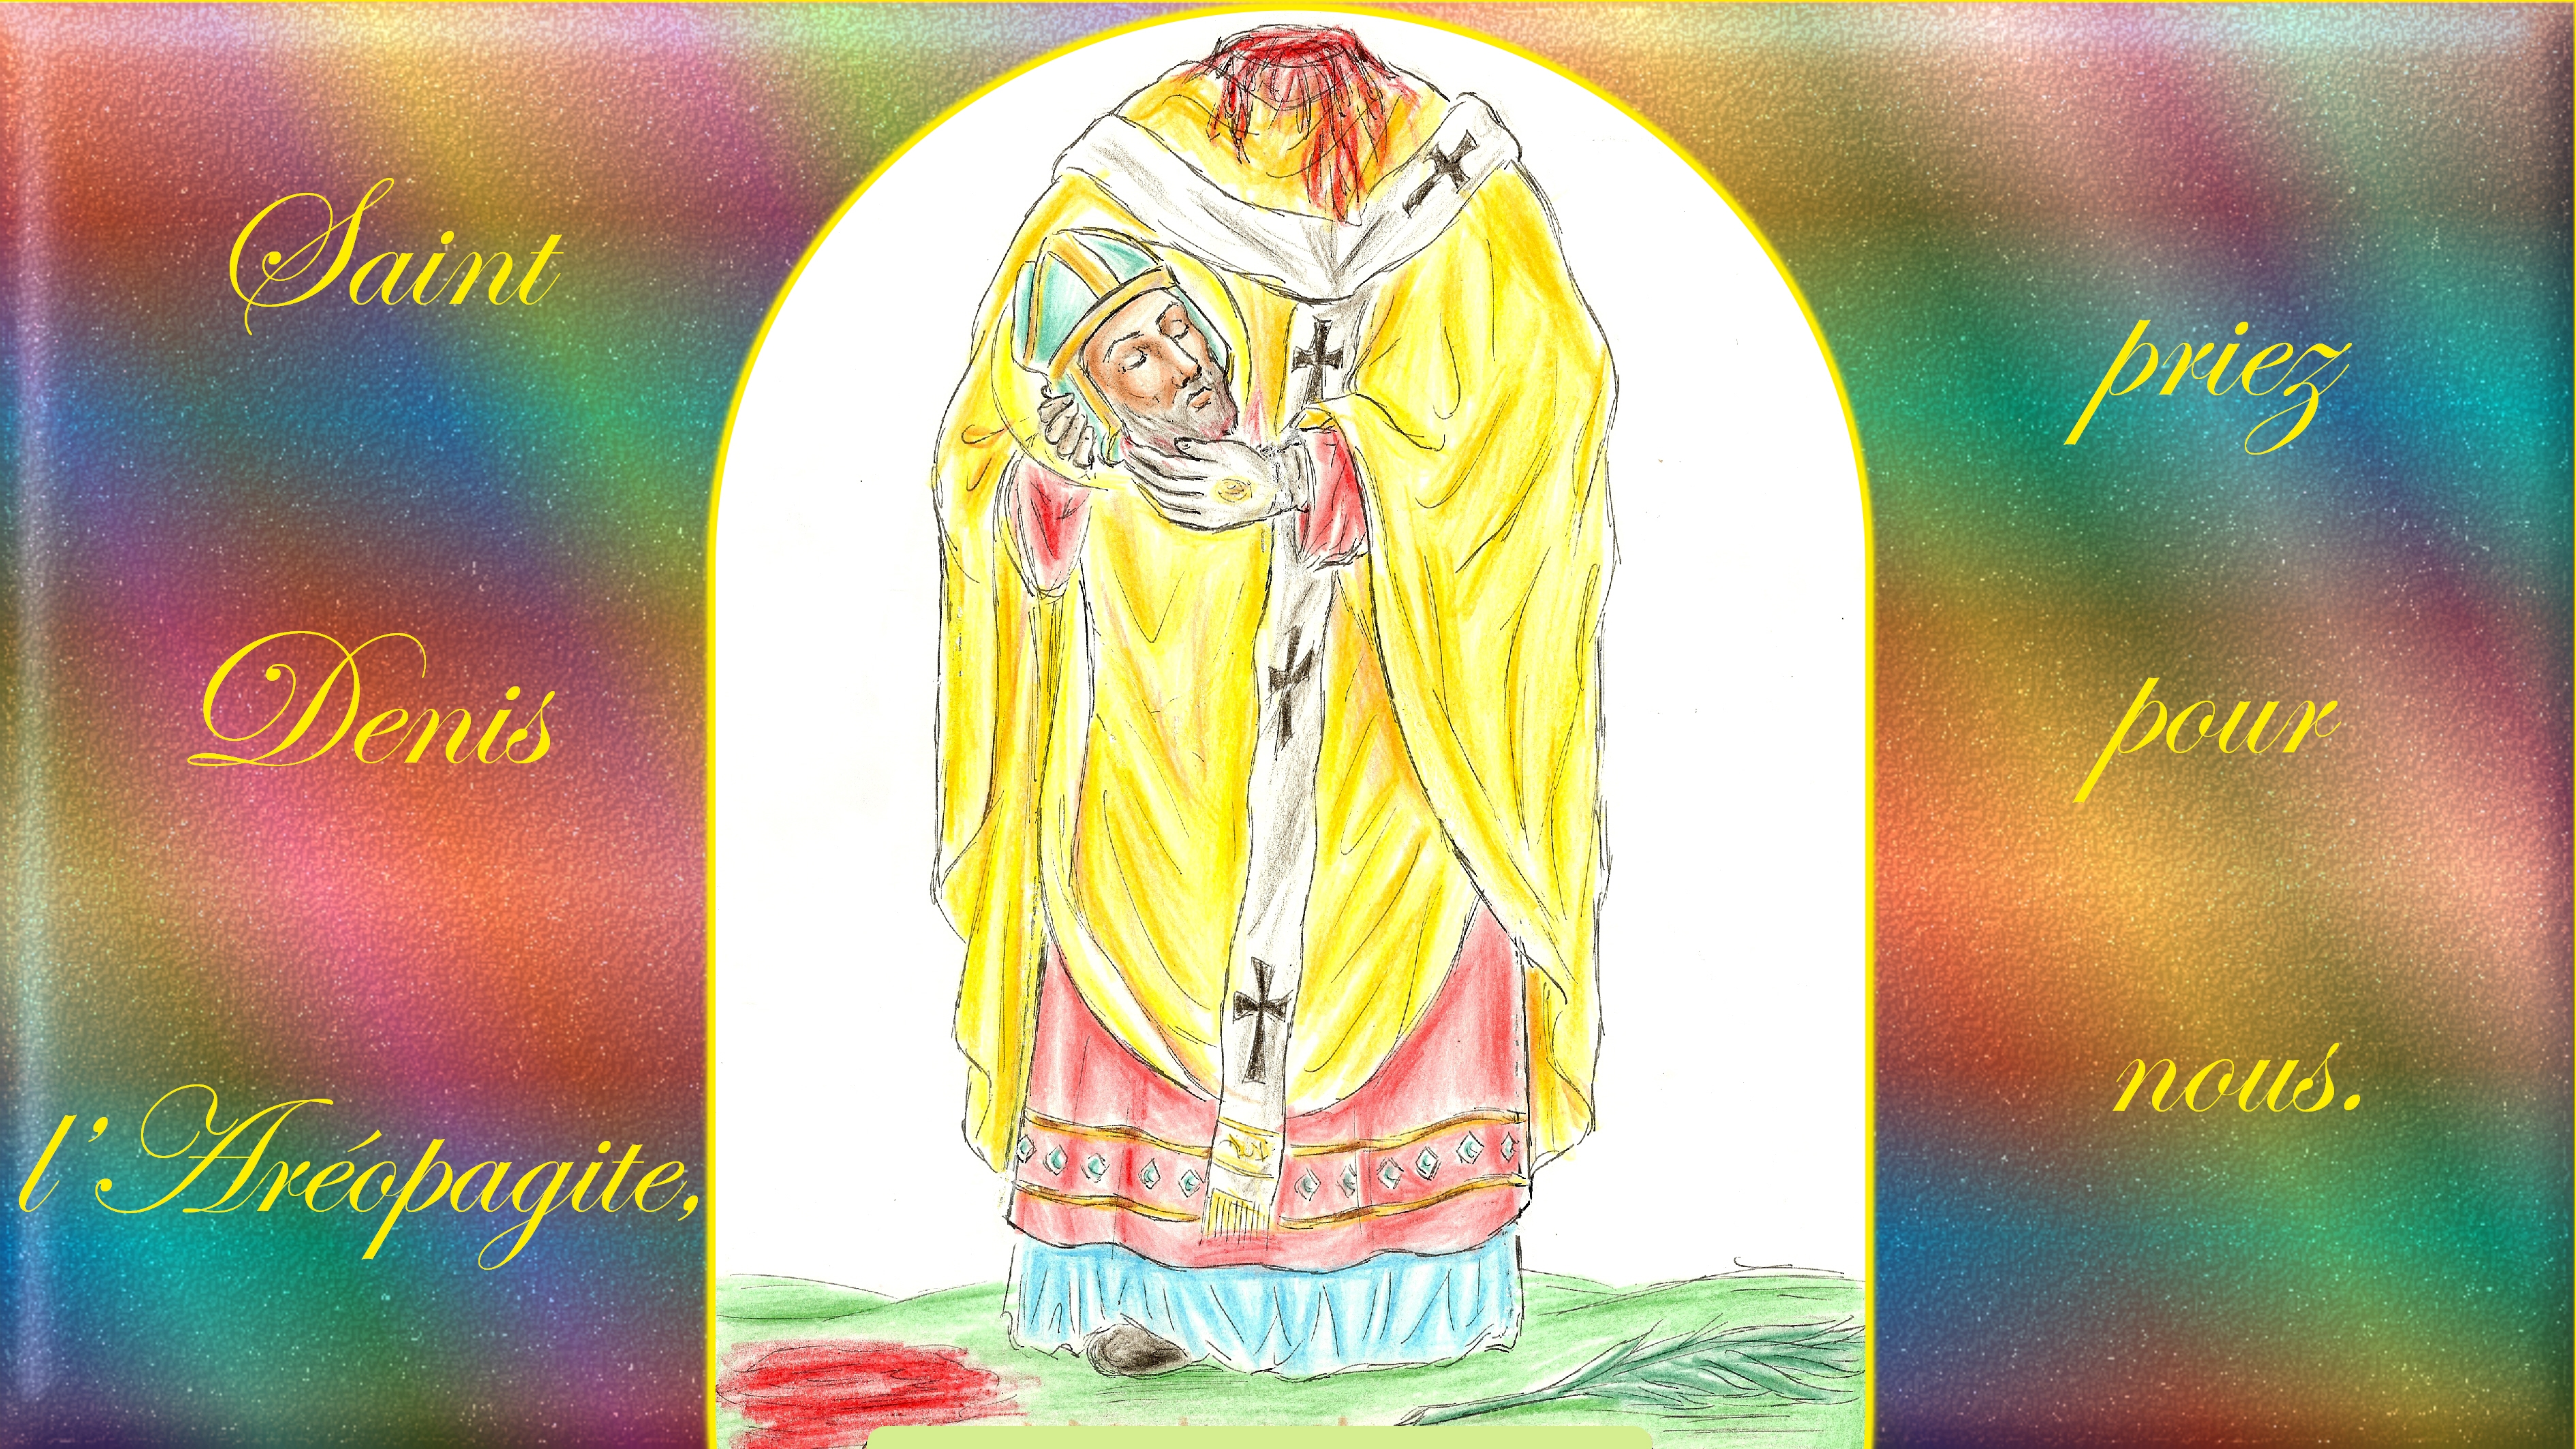 CALENDRIER CATHOLIQUE 2019 (Cantiques, Prières & Images) - Page 11 St-denis-l-ar-opagite-56a55fb